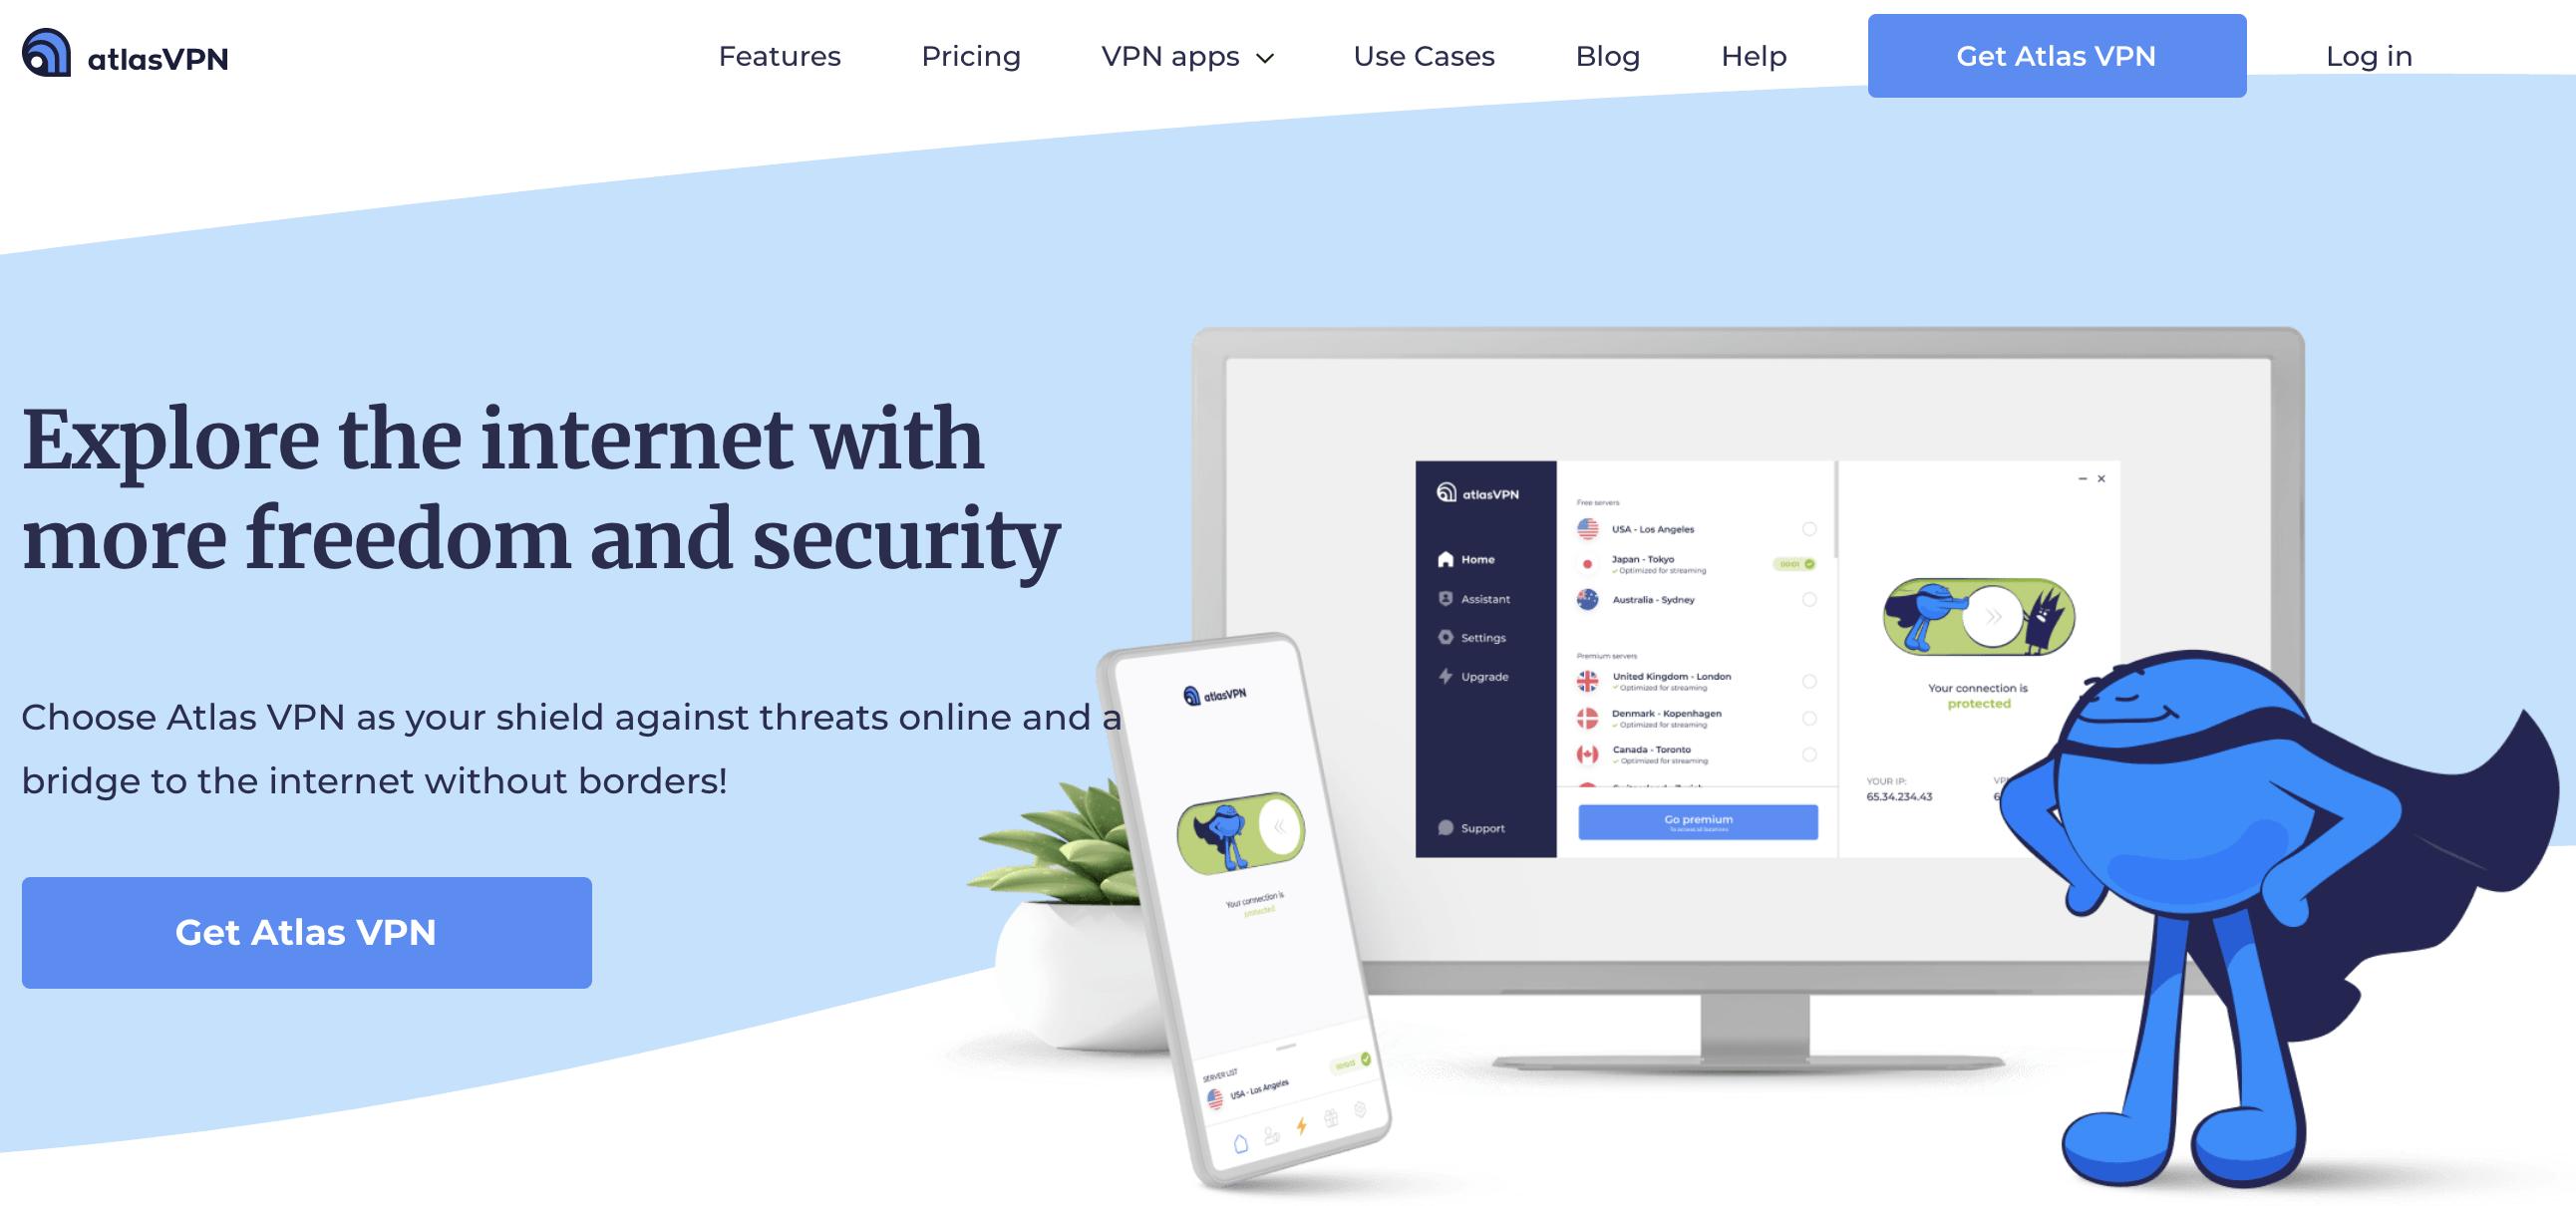 Atlas VPN Home Page